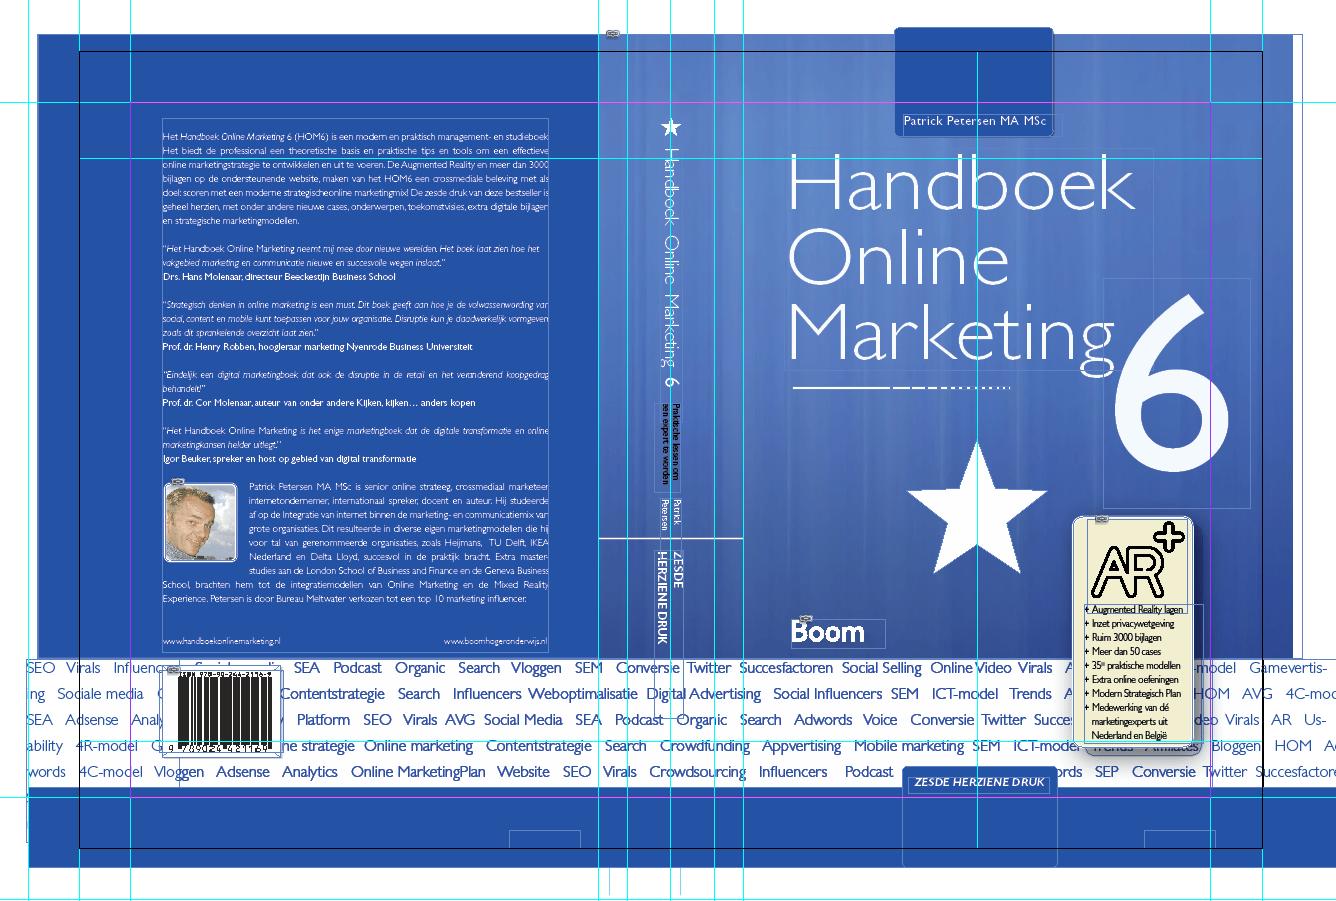 Inhoudsopgave van het AtMost Handboek Online Marketing 6